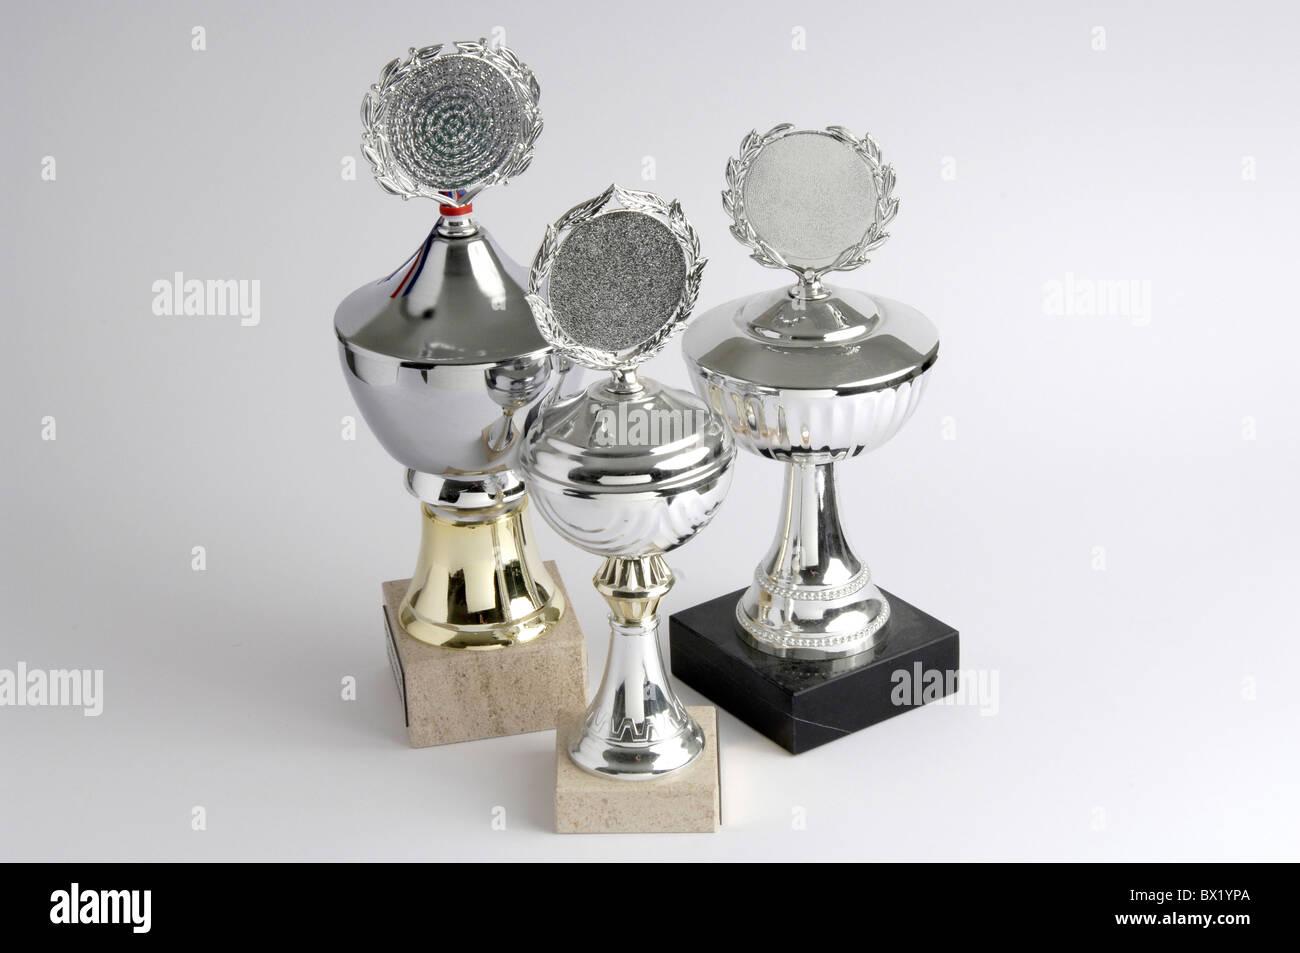 Cup win win best success Winner winner honoring trophy - Stock Image